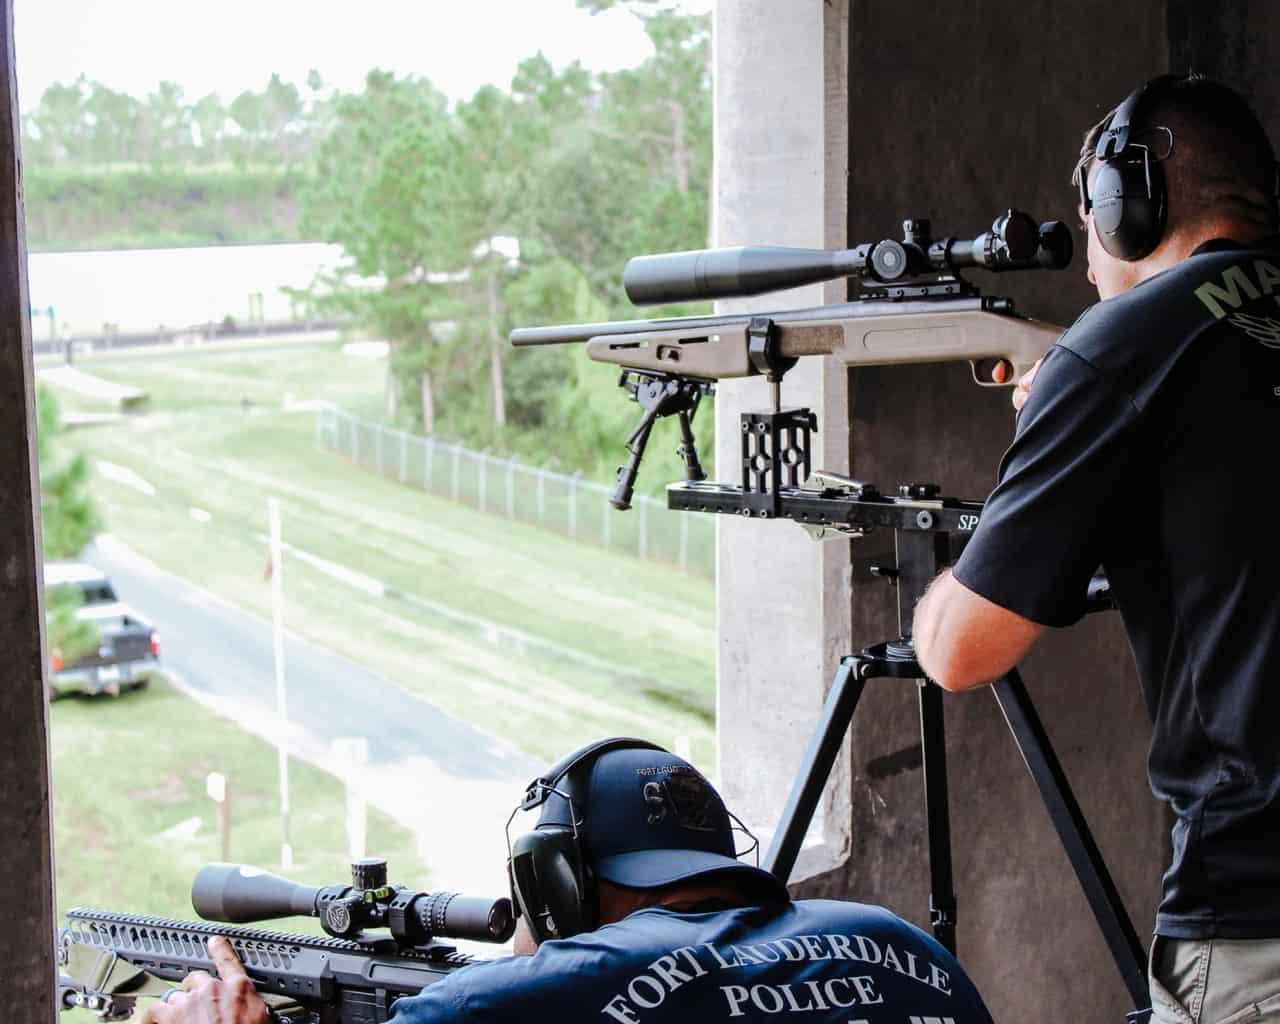 urban-sniper-response-tactics-course-11